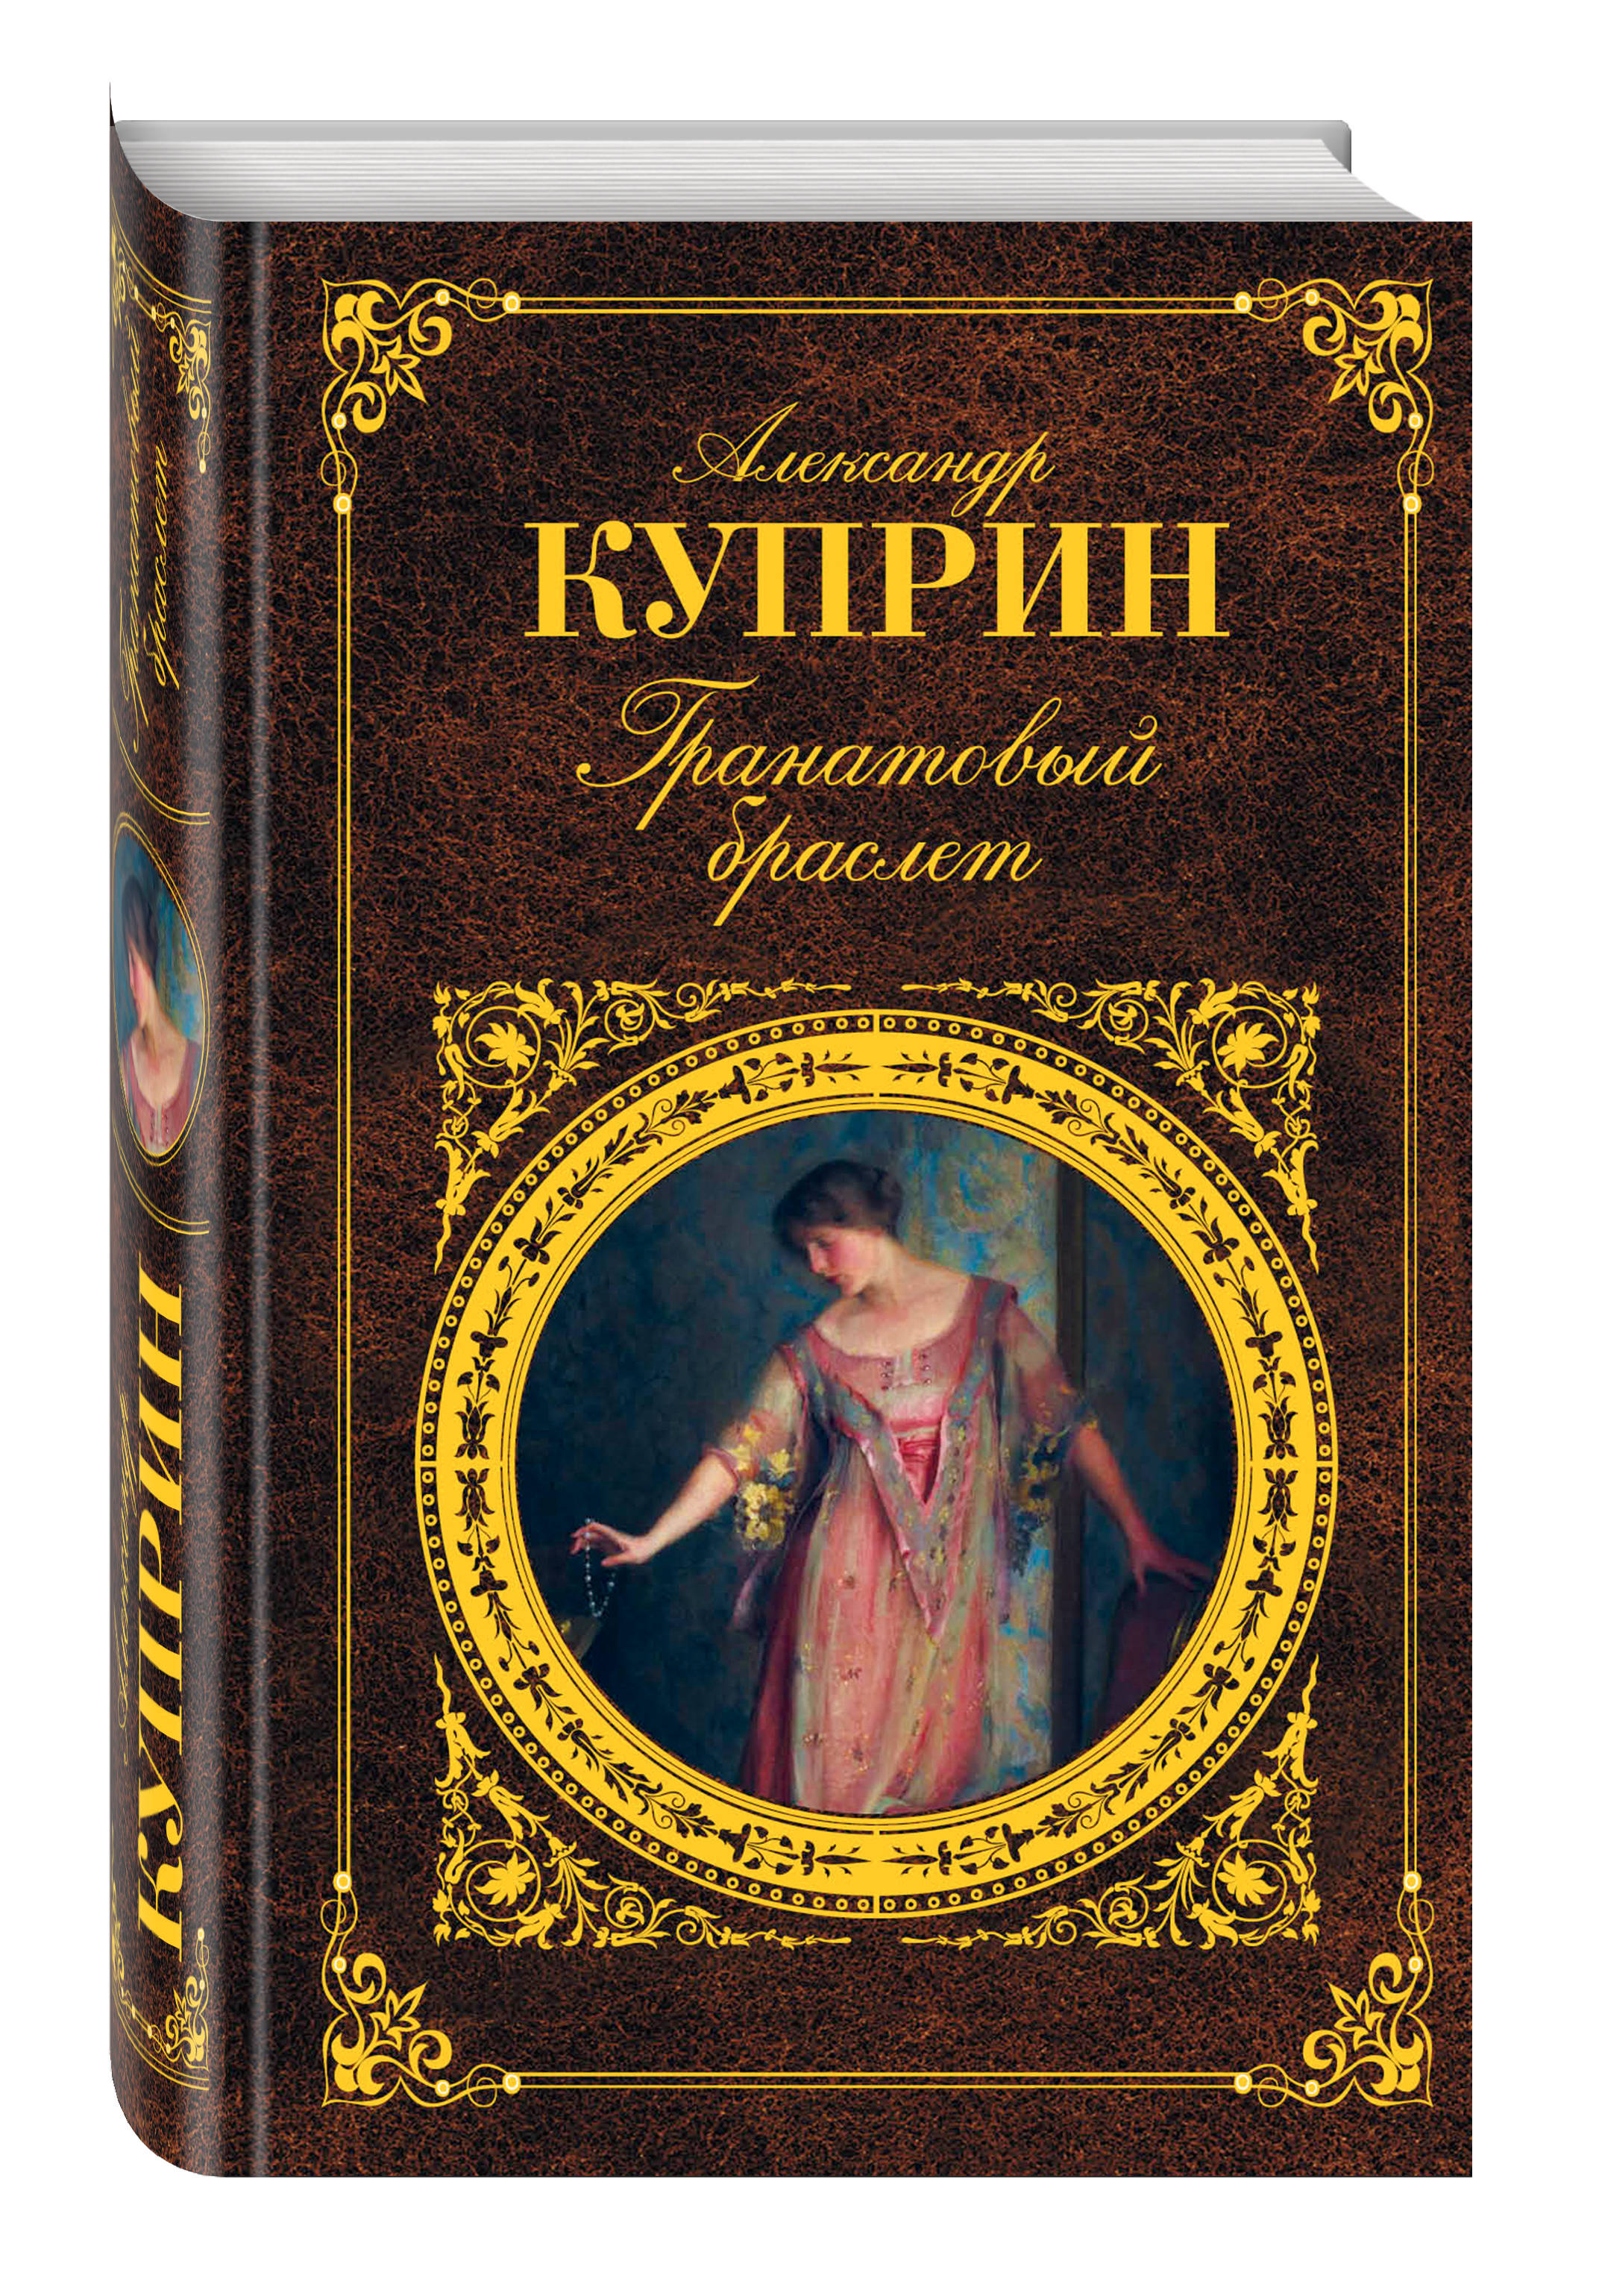 Гранатовый браслет, Александр Куприн